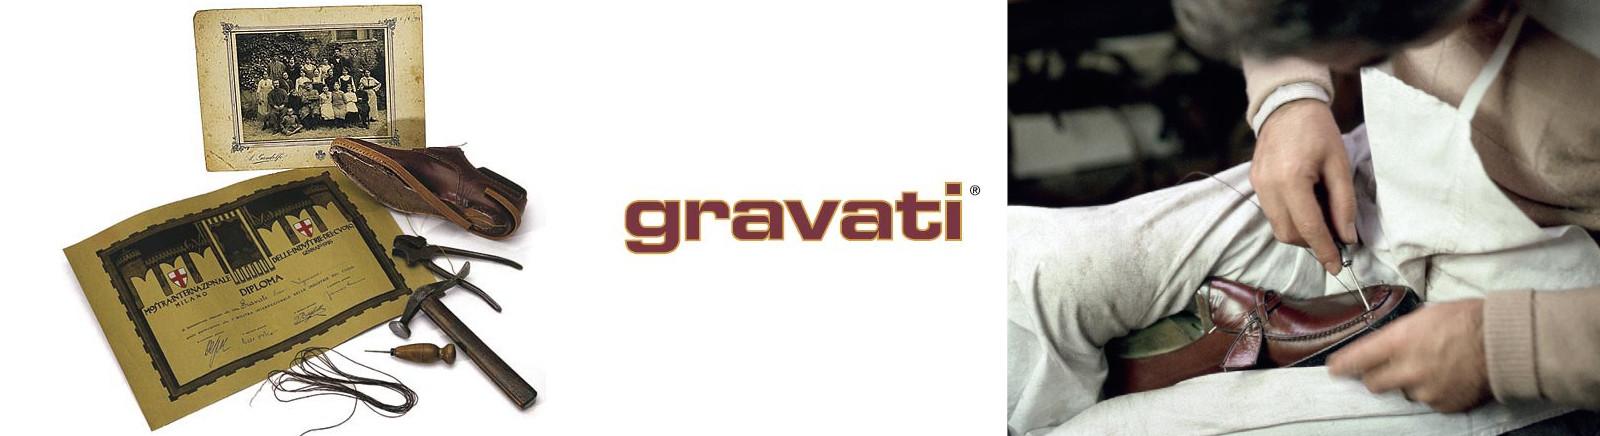 Prange: Gravati Slipper extraweit für Herren online shoppen